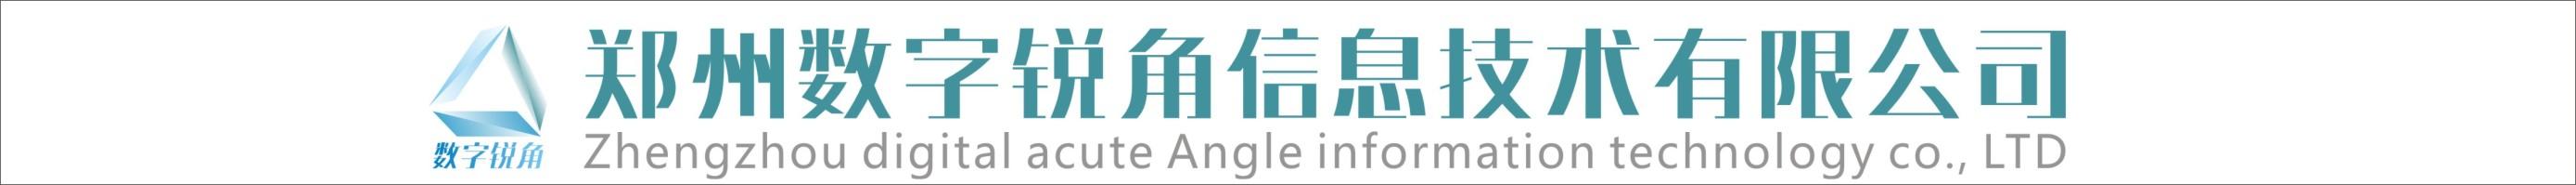 郑州数字锐角信息技术有限澳门网上投注赌场